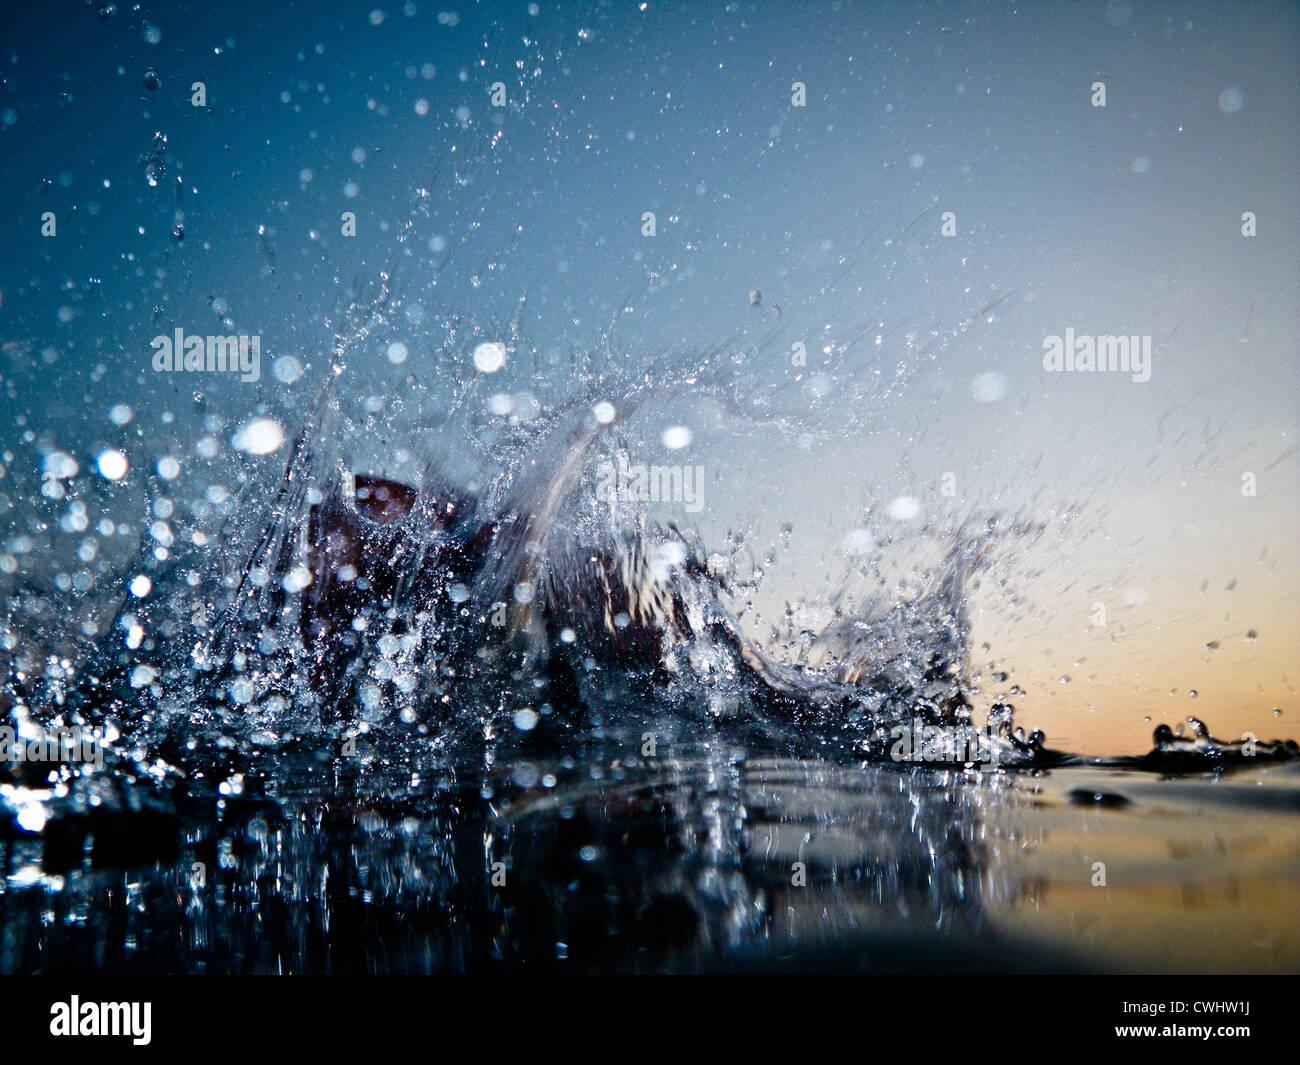 Superficie de agua,splash,salpicaduras de agua Imagen De Stock